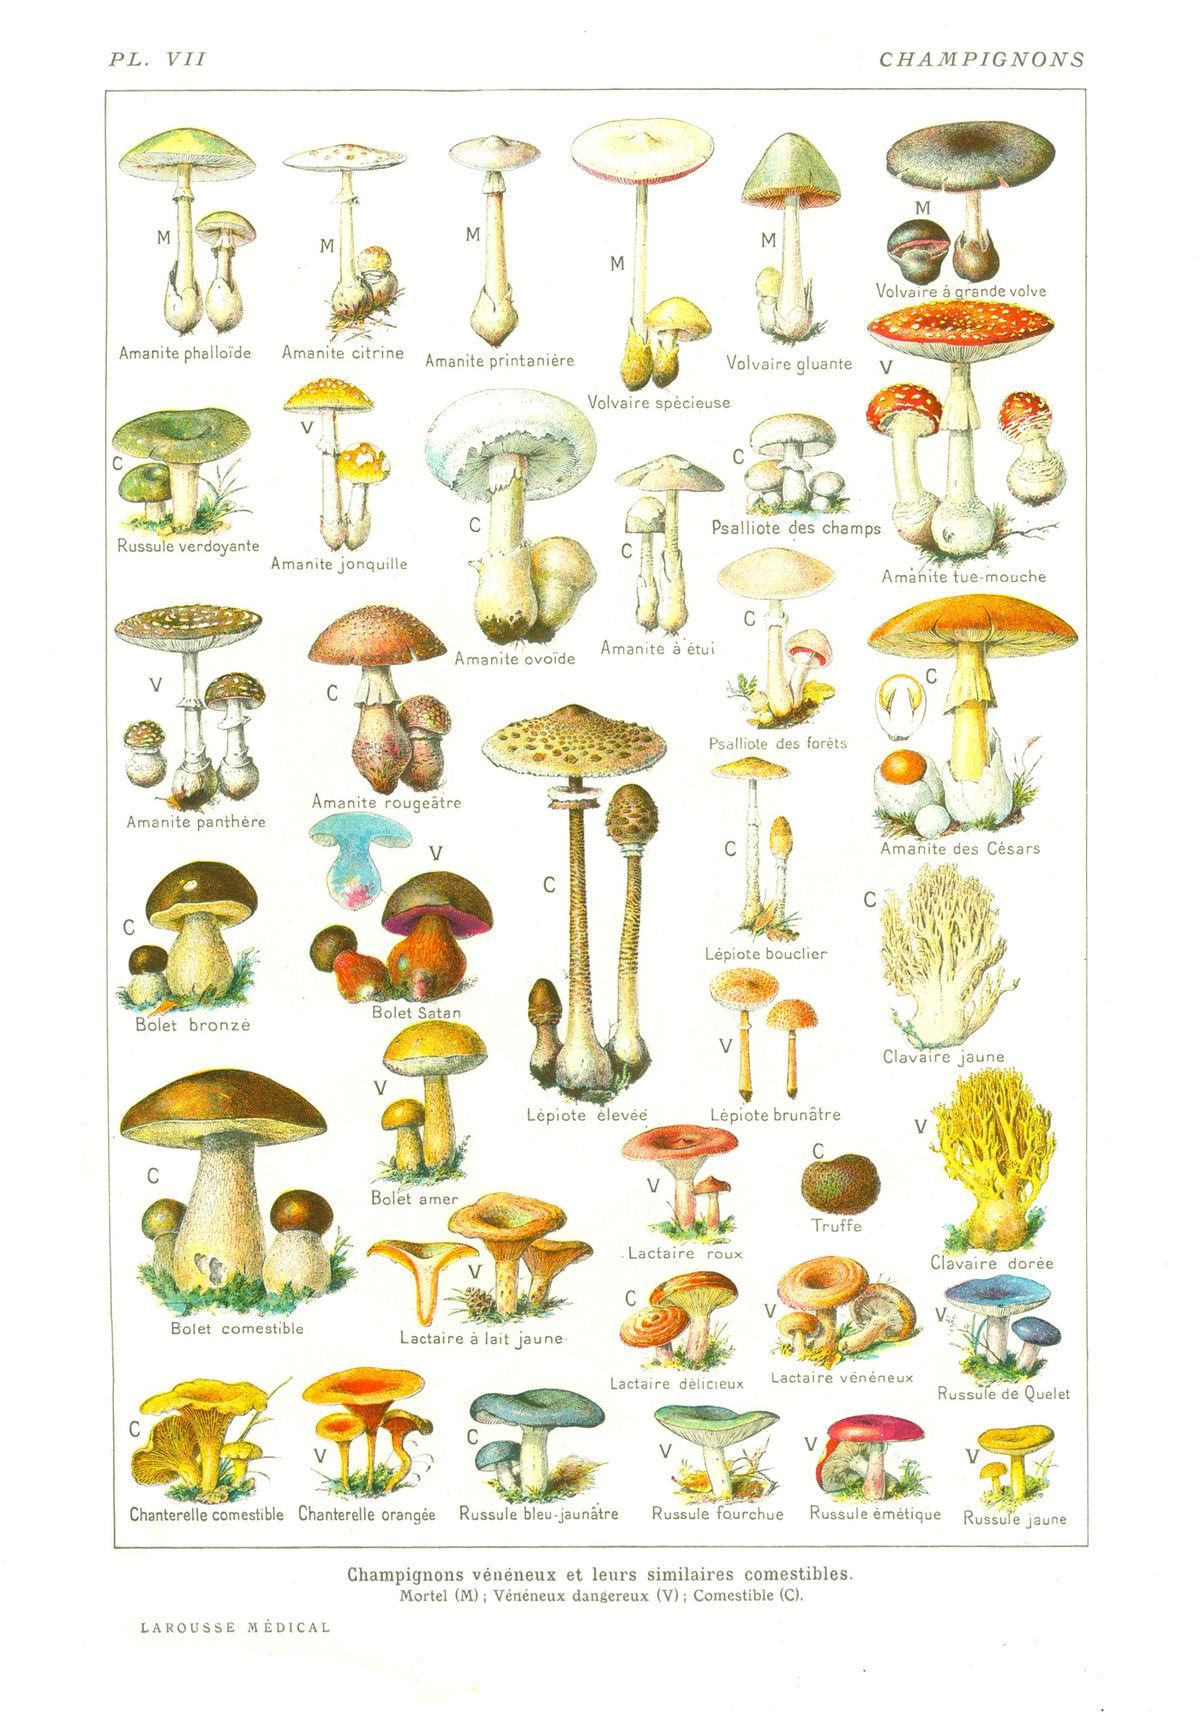 Champignon wikip dia - Comment nettoyer des champignons des bois ...